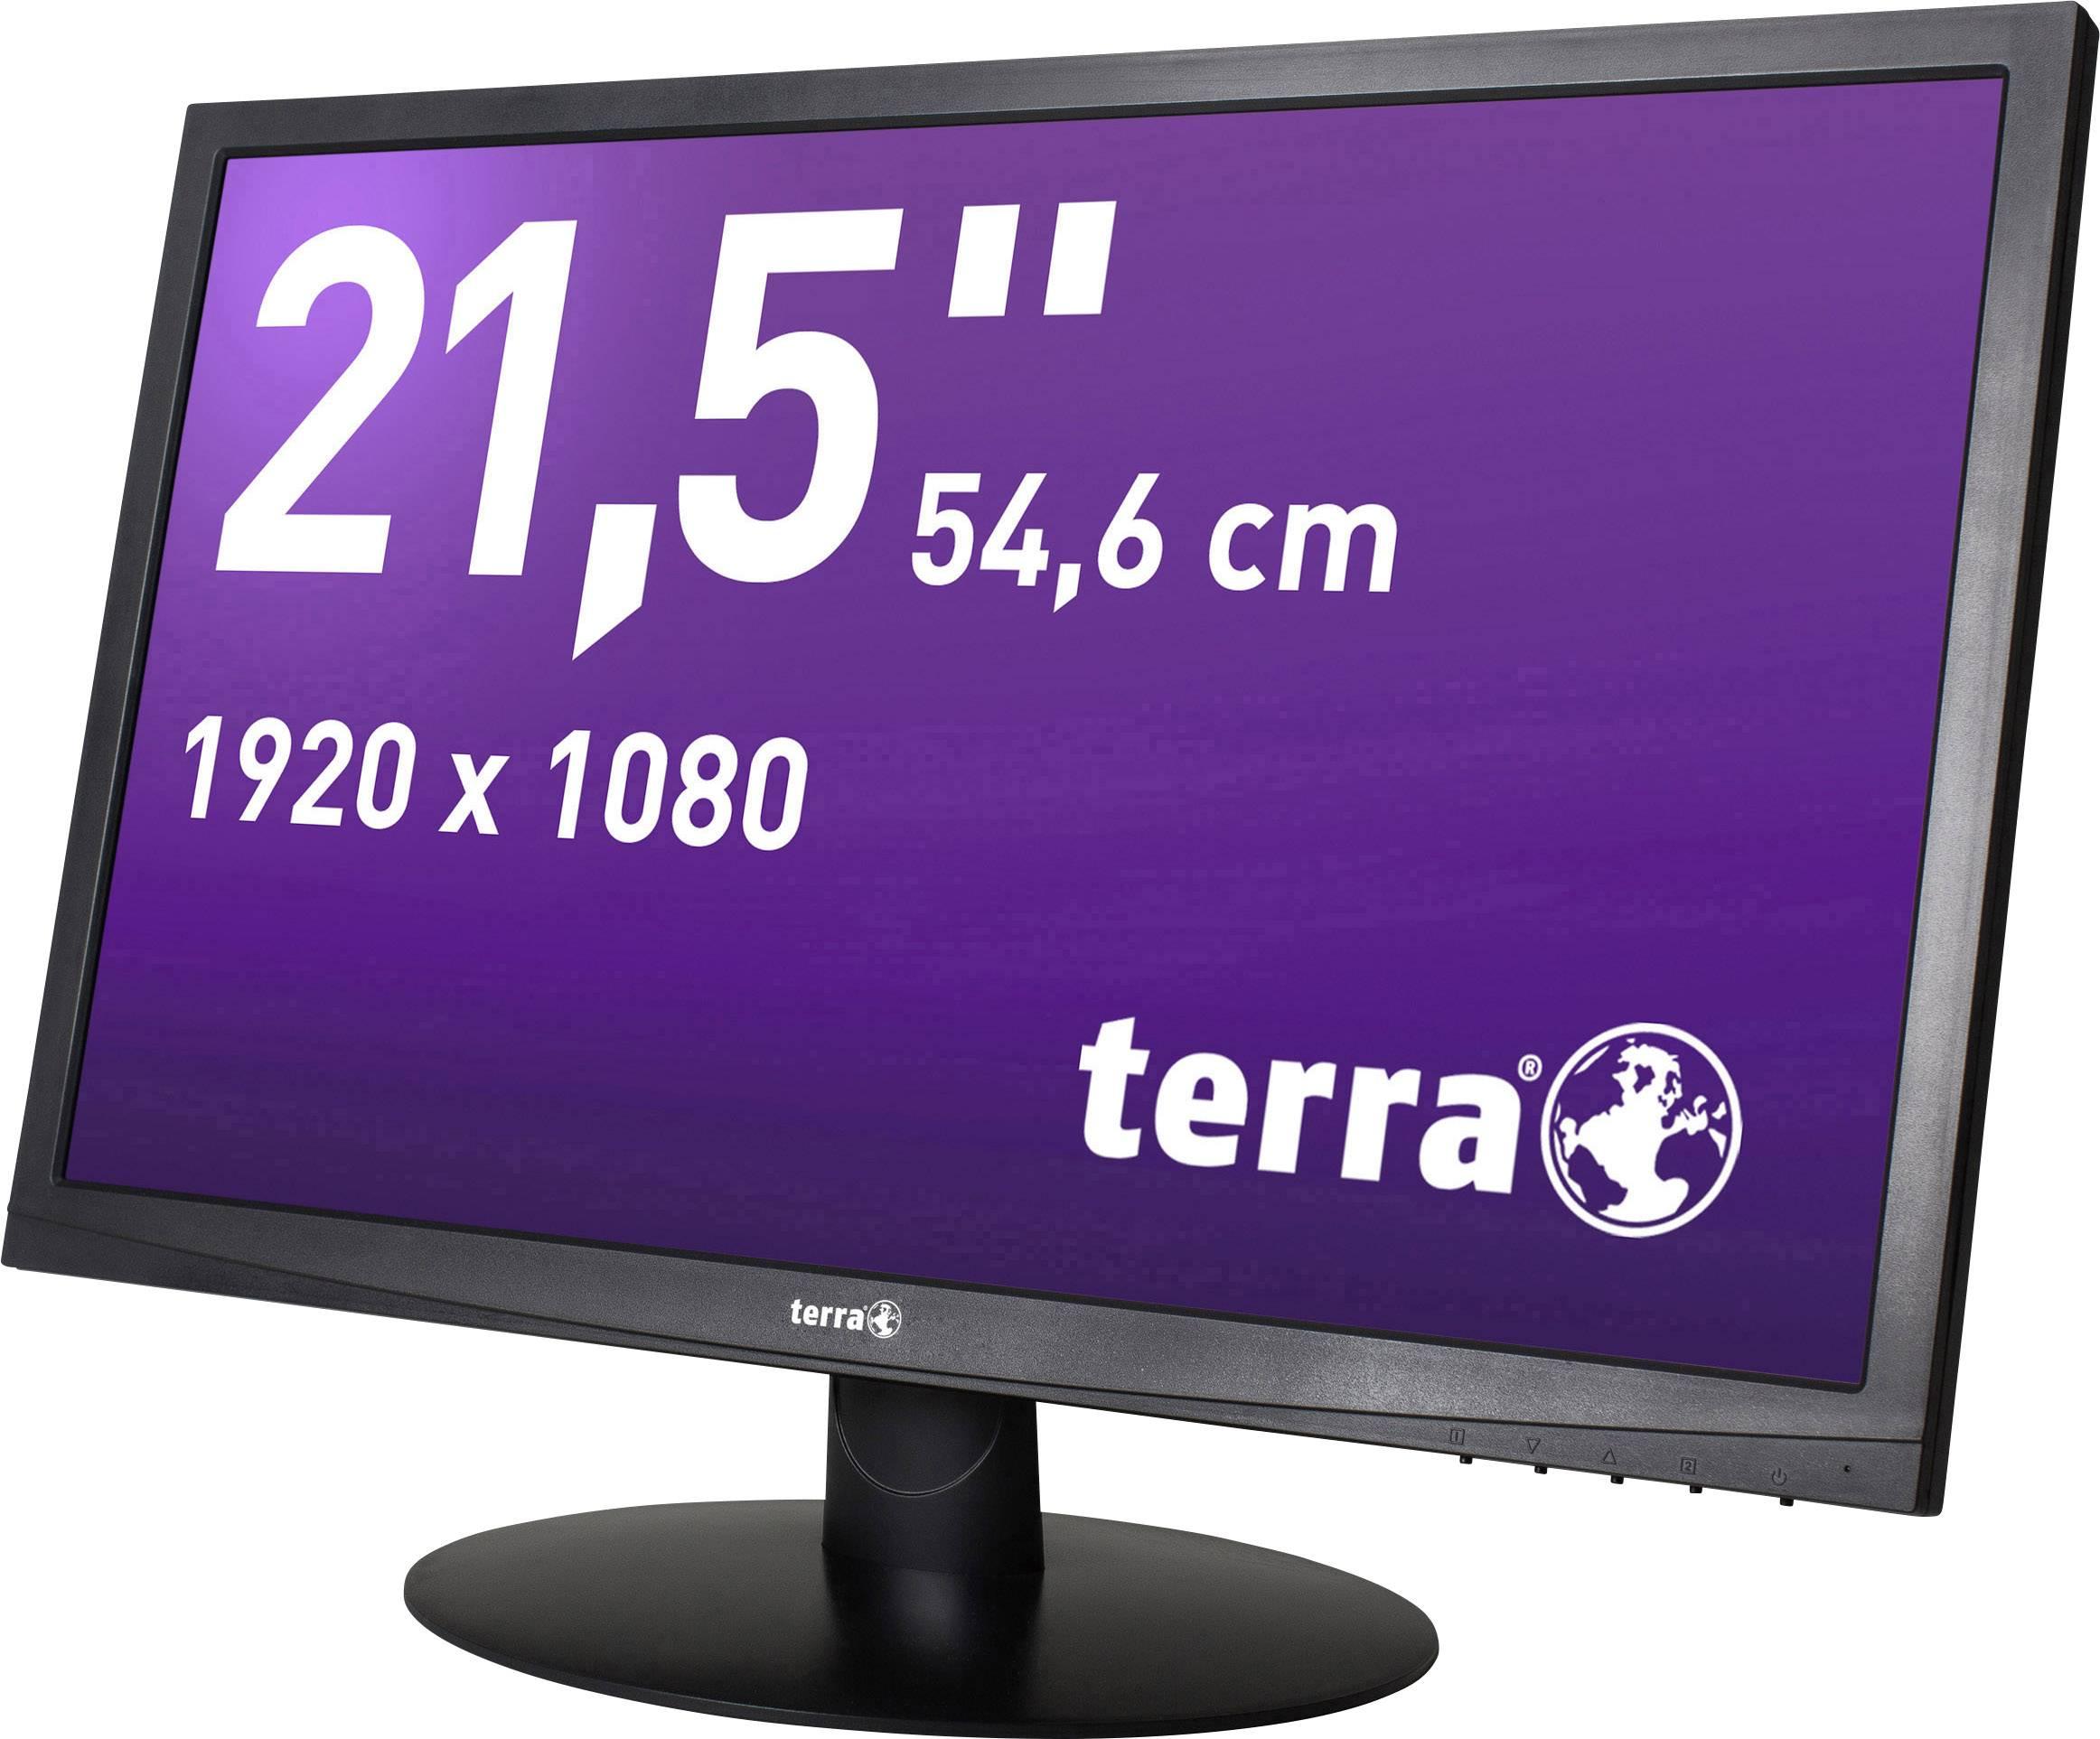 Terra 2212W